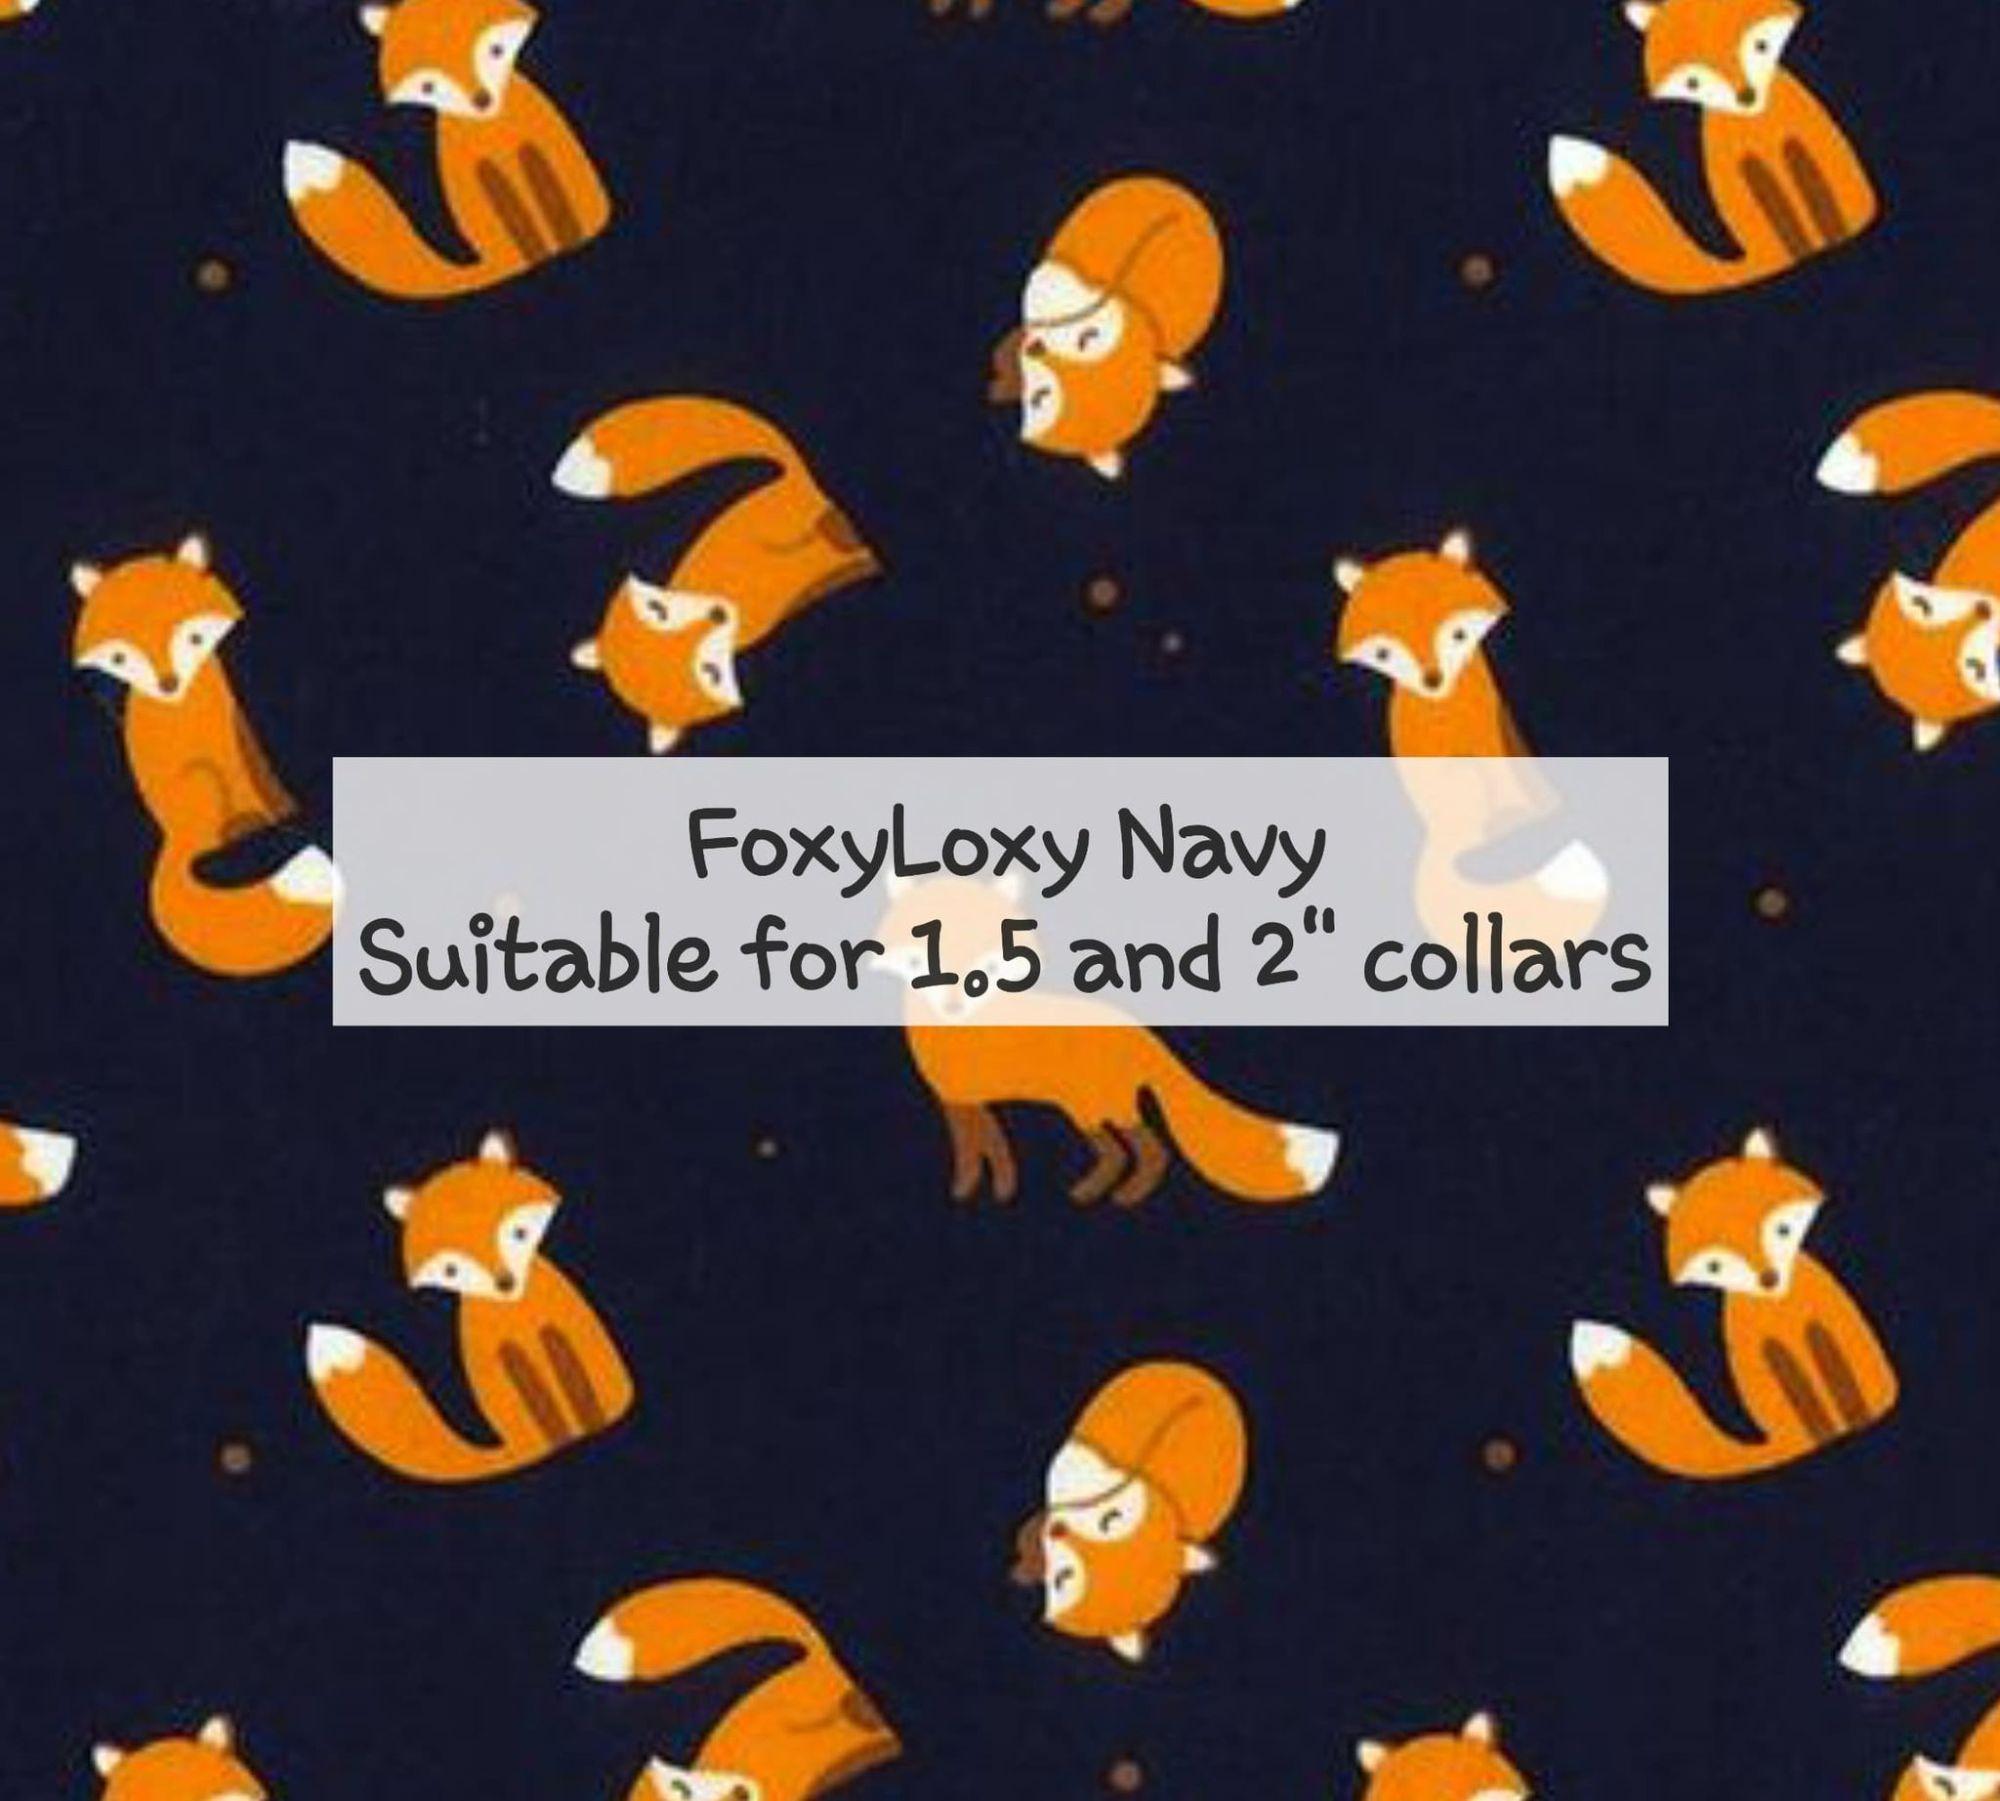 foxyloxy navy